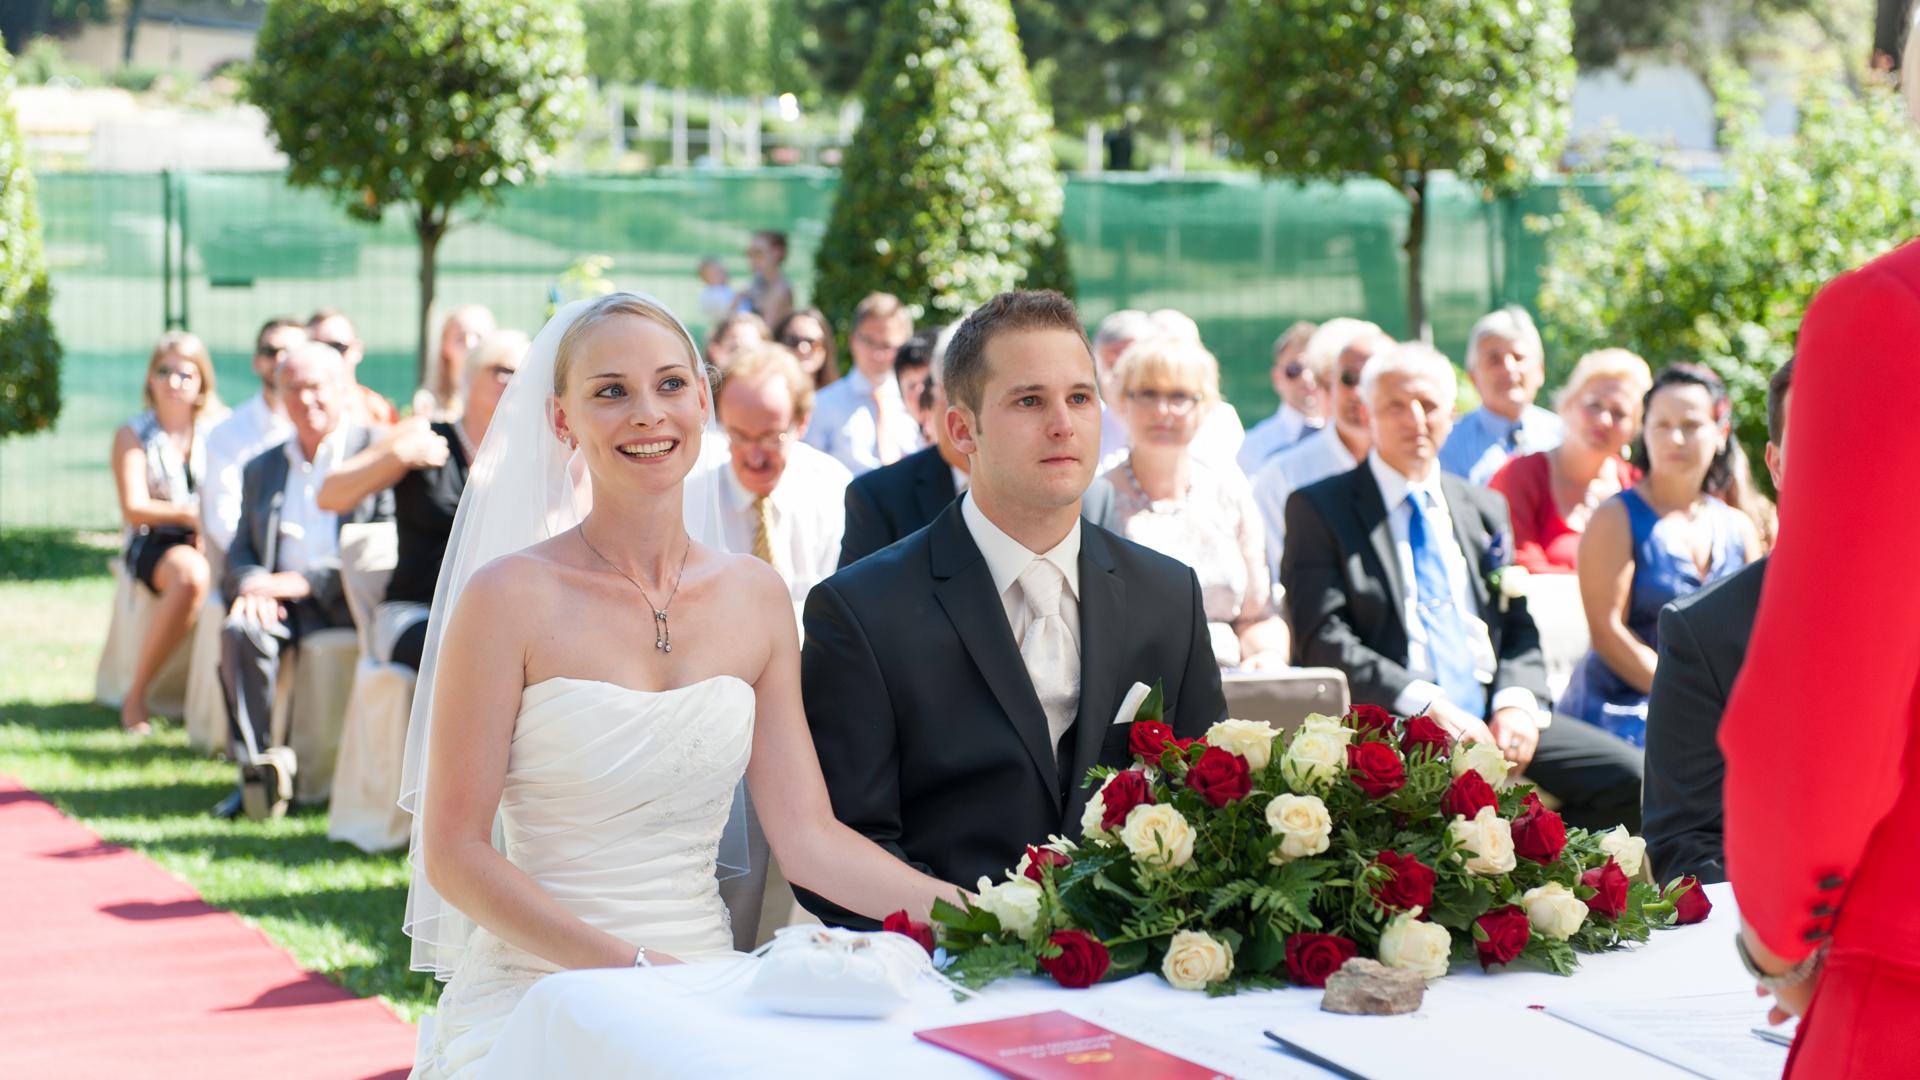 Wedding_MarielisAlex_012-1_DSC_1066